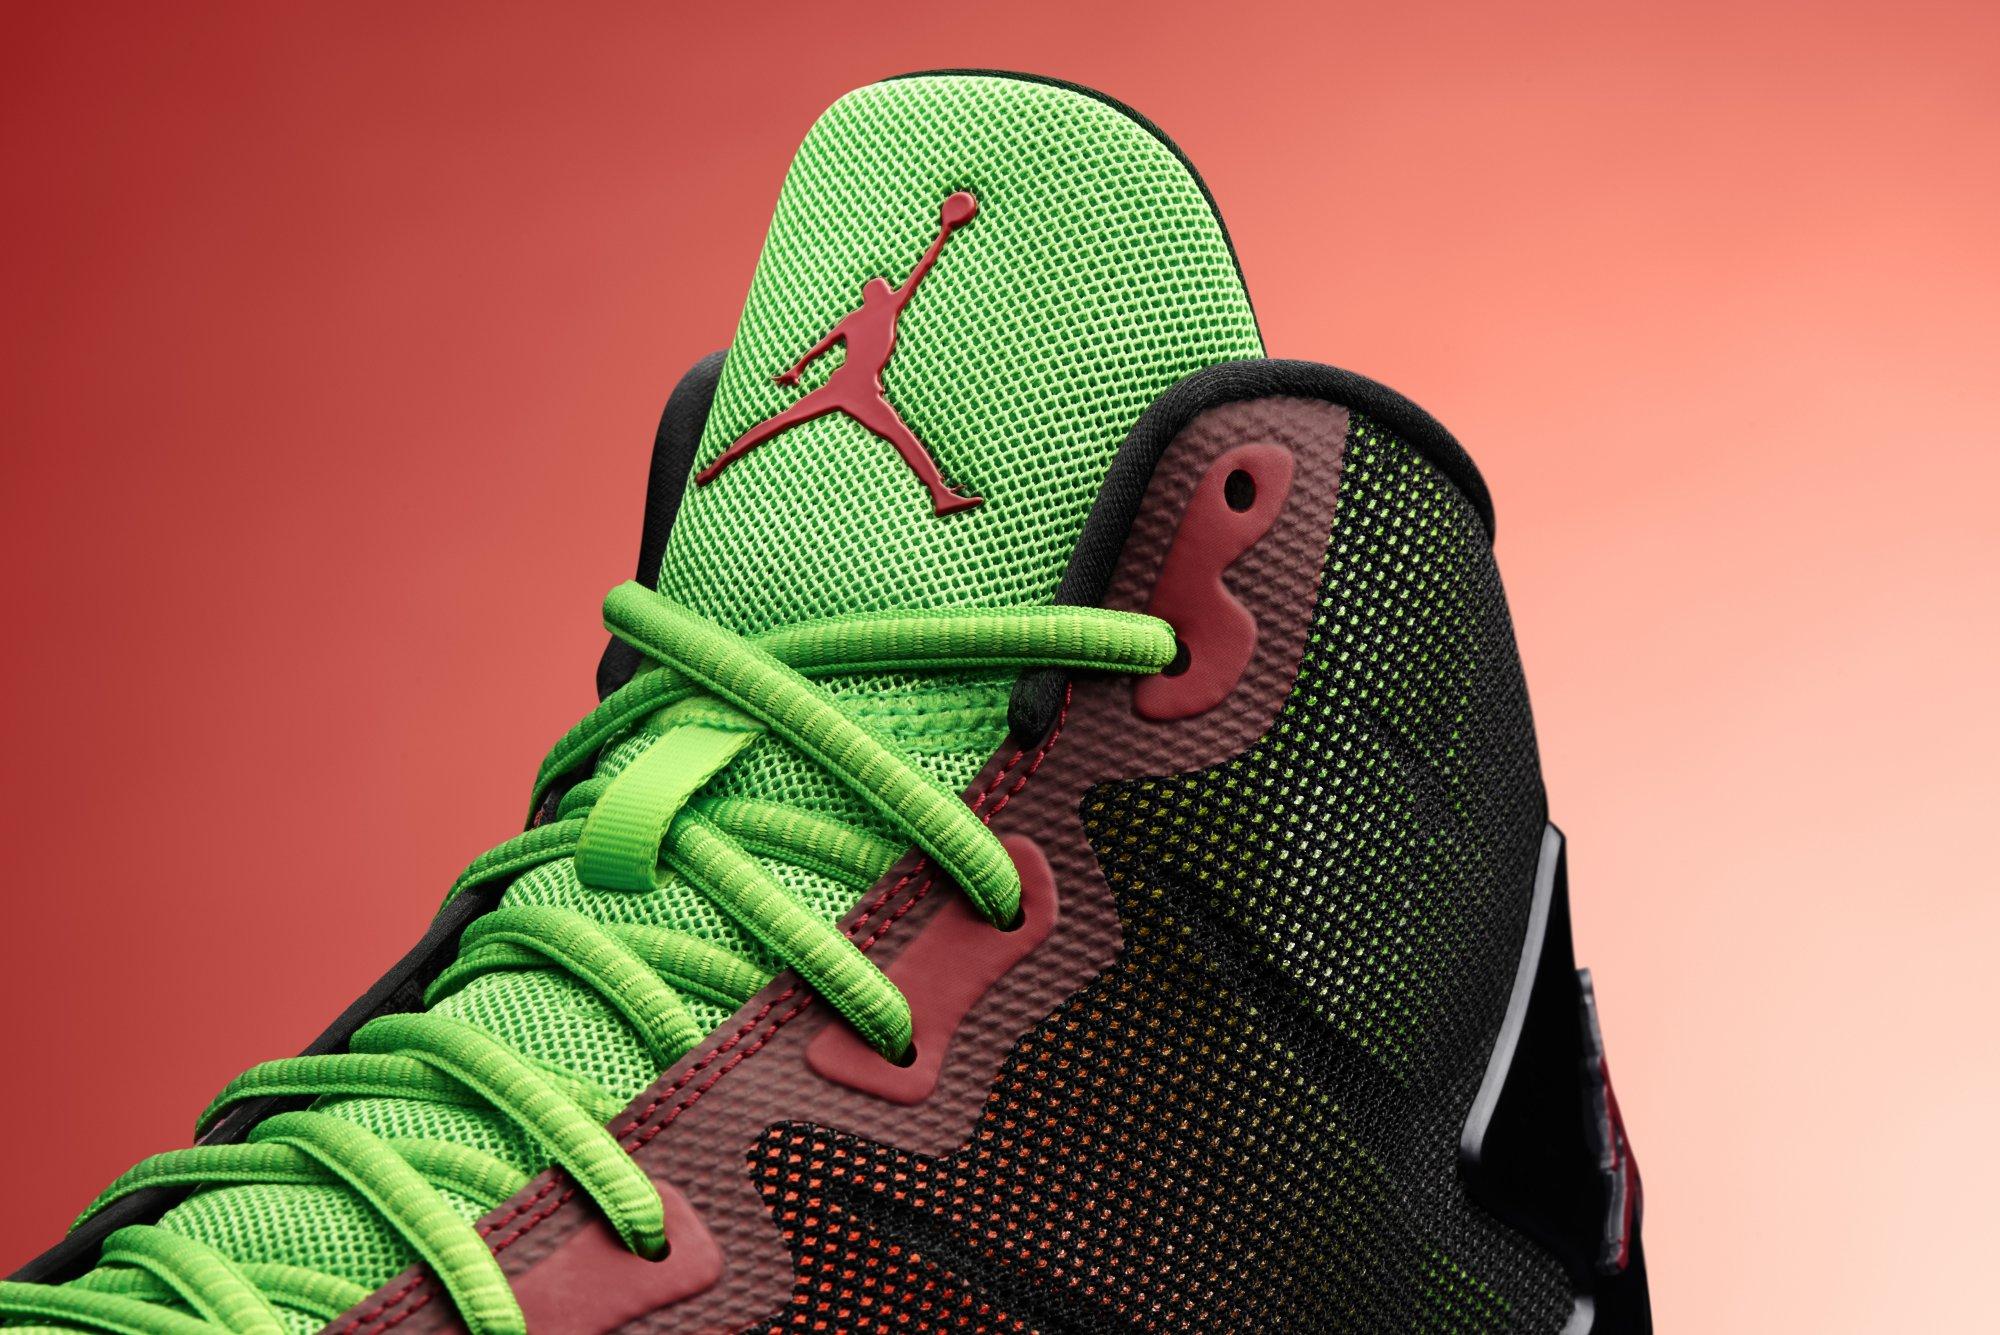 3e5fadf87383 Mens Nike Jordan Super.Fly 4 Shoes Royal White Black Blue Size 17 768929  435 NEW